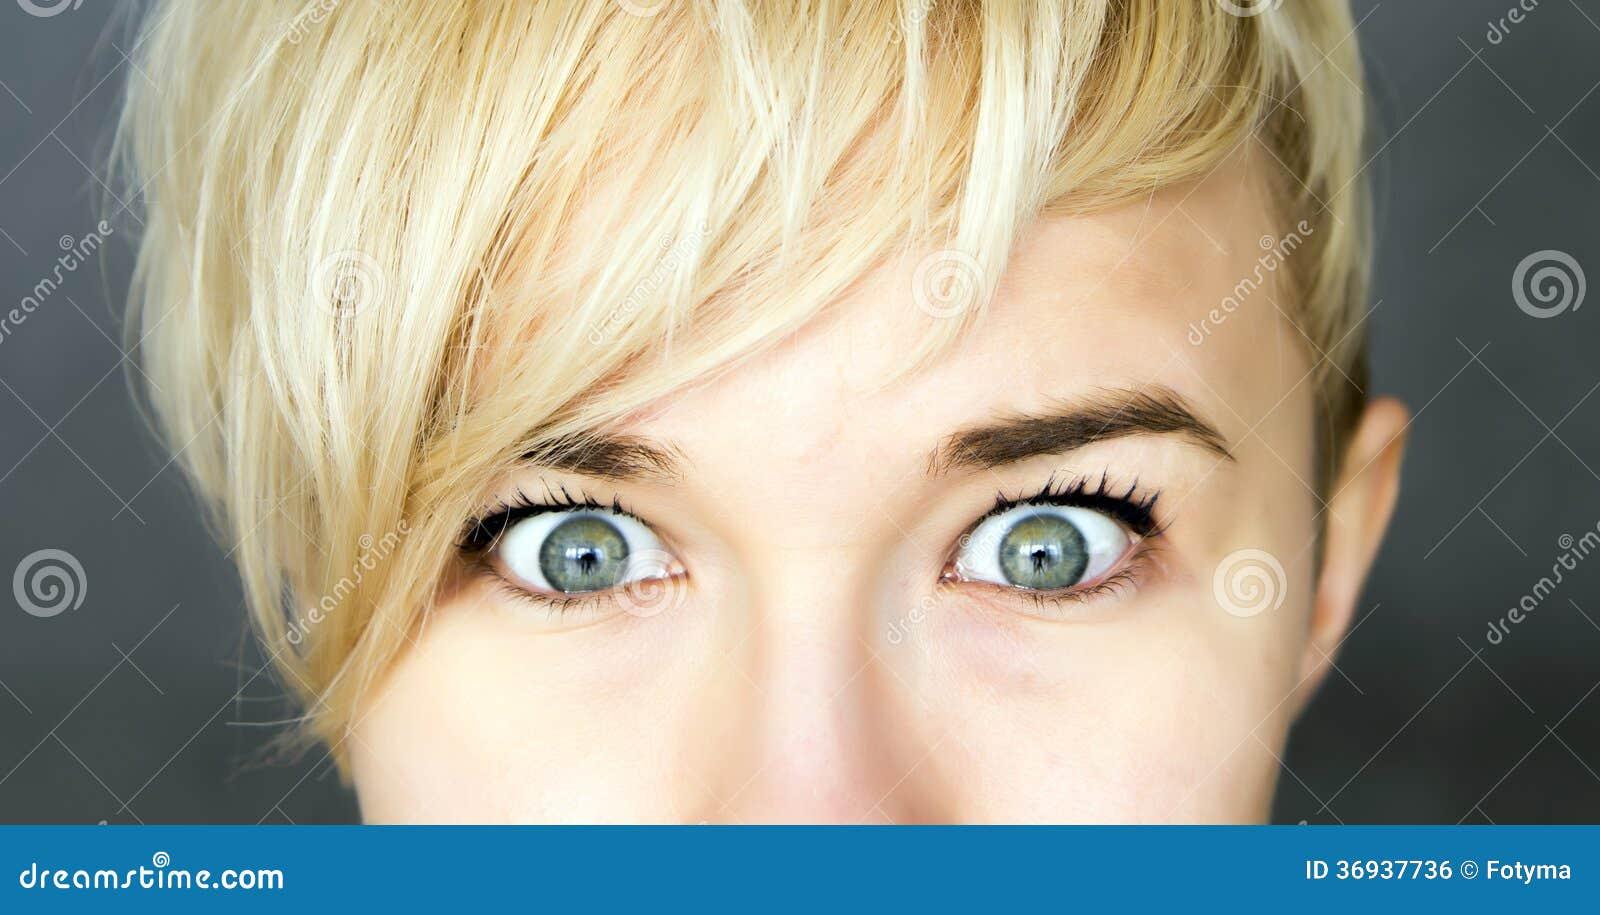 Μάτια που ανοίγουν ευρέως